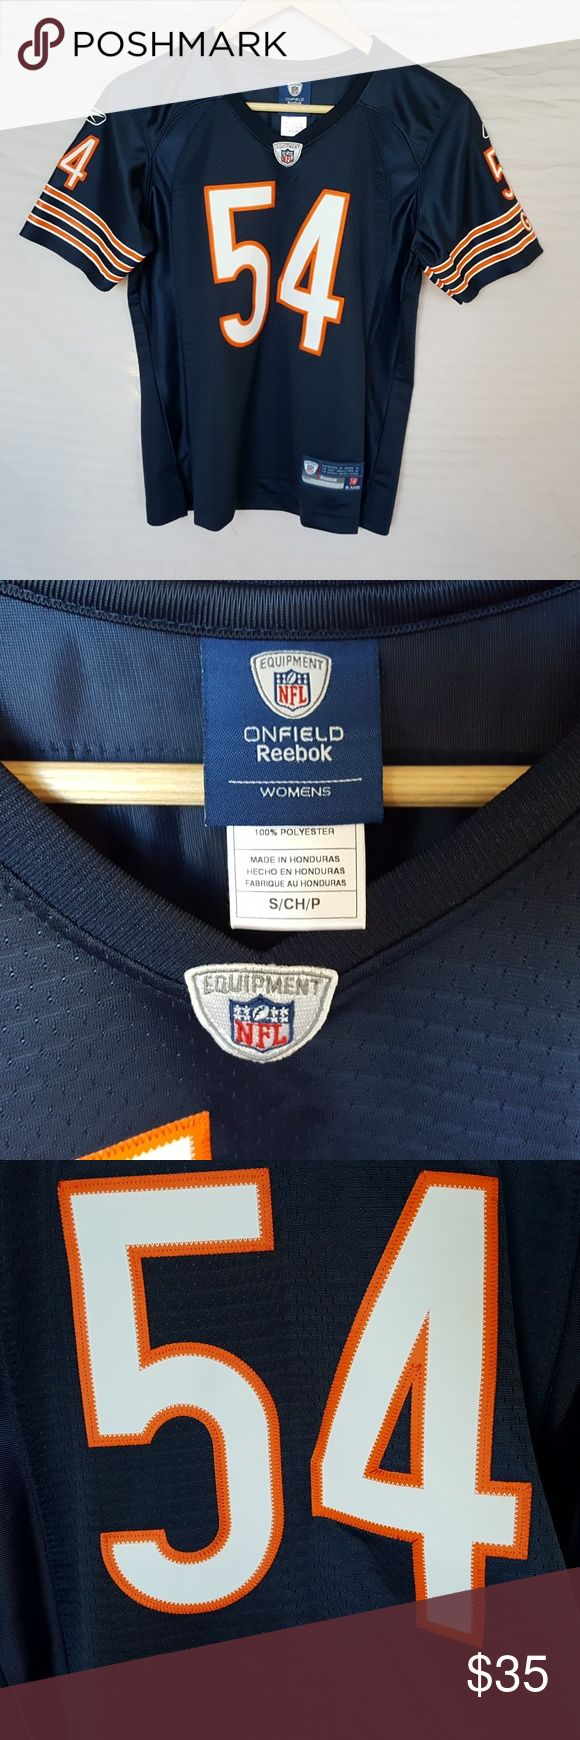 Women's NFL Jersey Chicago Bears Urlacher 54 Women's NFL Jersey Chicago Bears Urlacher 54, excellent condition. NFL Tops